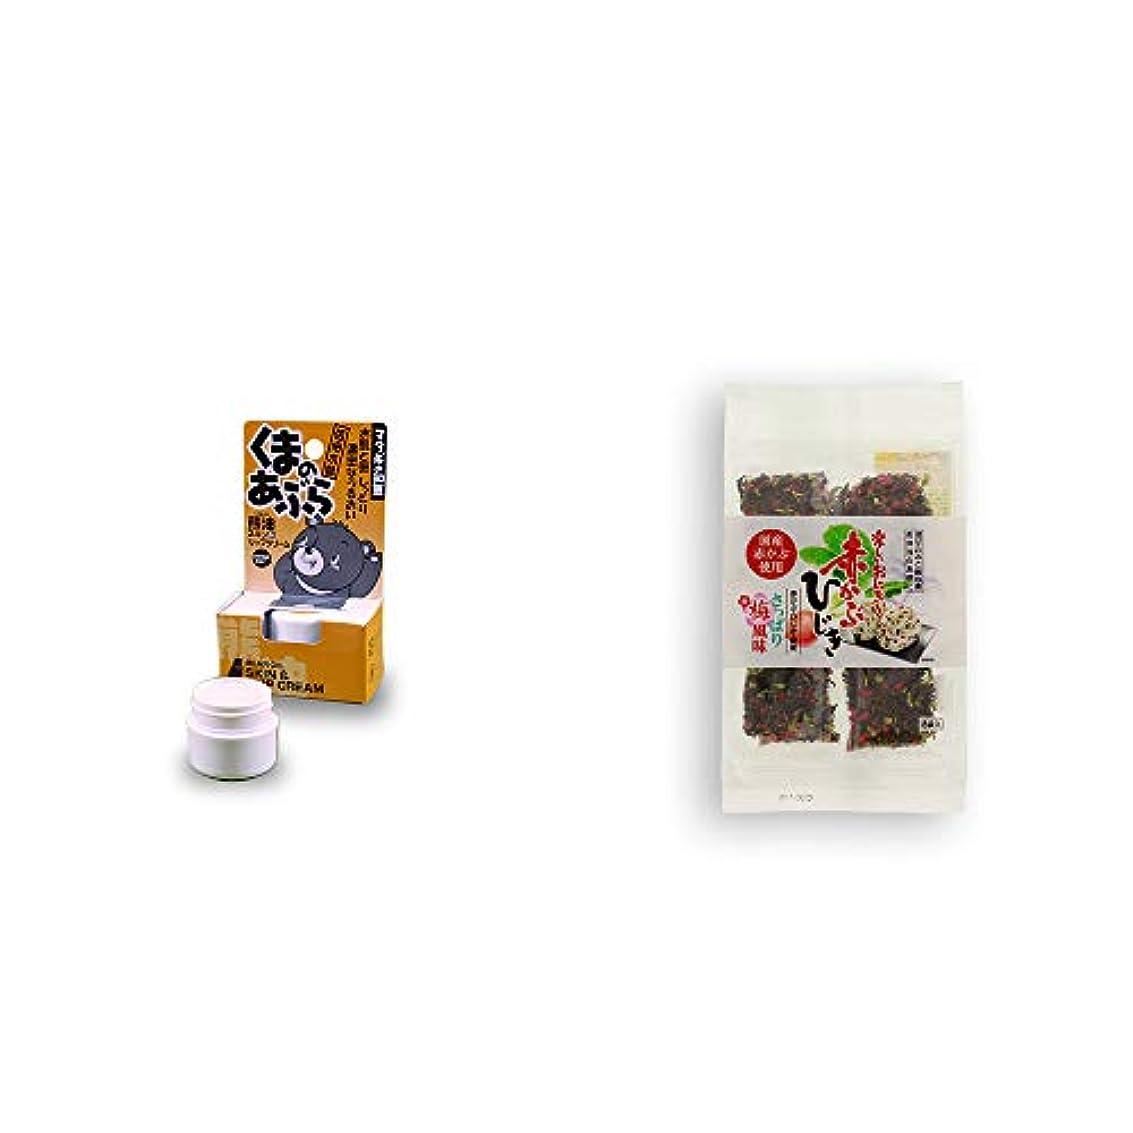 ポンプスキム縫う[2点セット] 信州木曽 くまのあぶら 熊油スキン&リップクリーム(9g)?楽しいおにぎり 赤かぶひじき(8g×8袋)